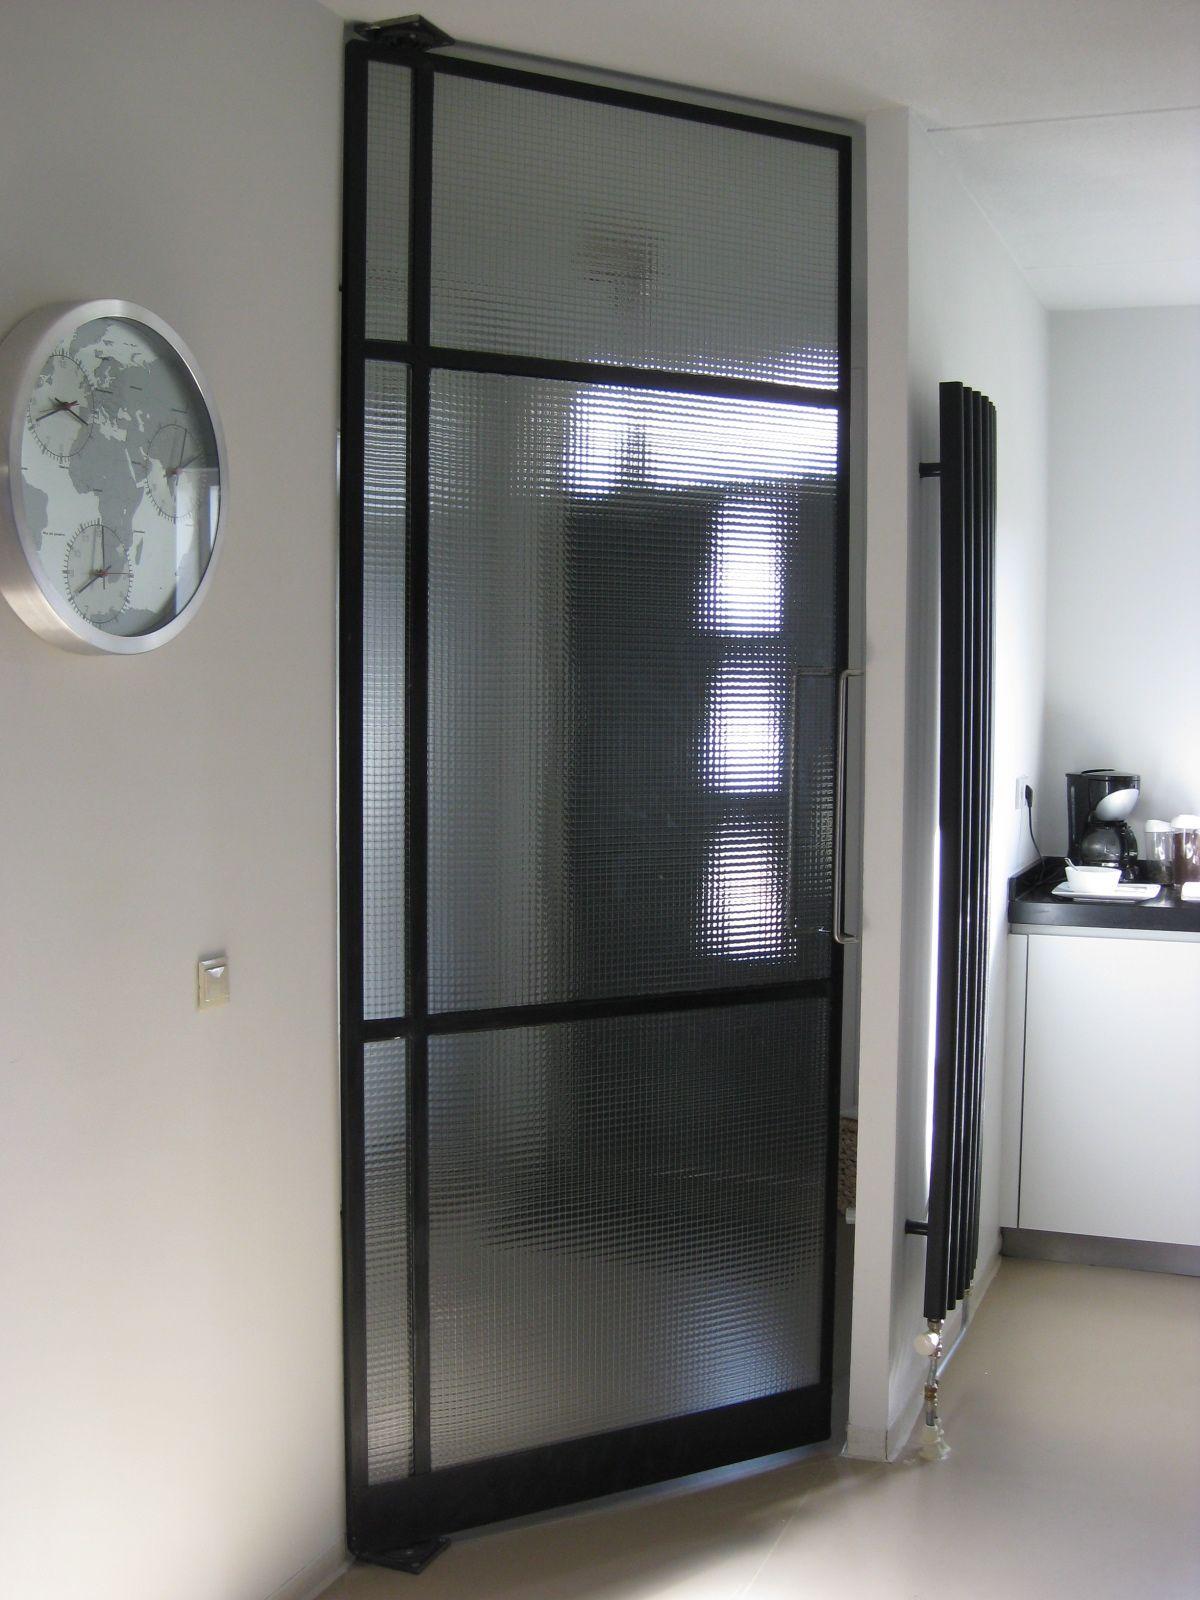 Mooie glazen deur waardoor je van de hal naar de open